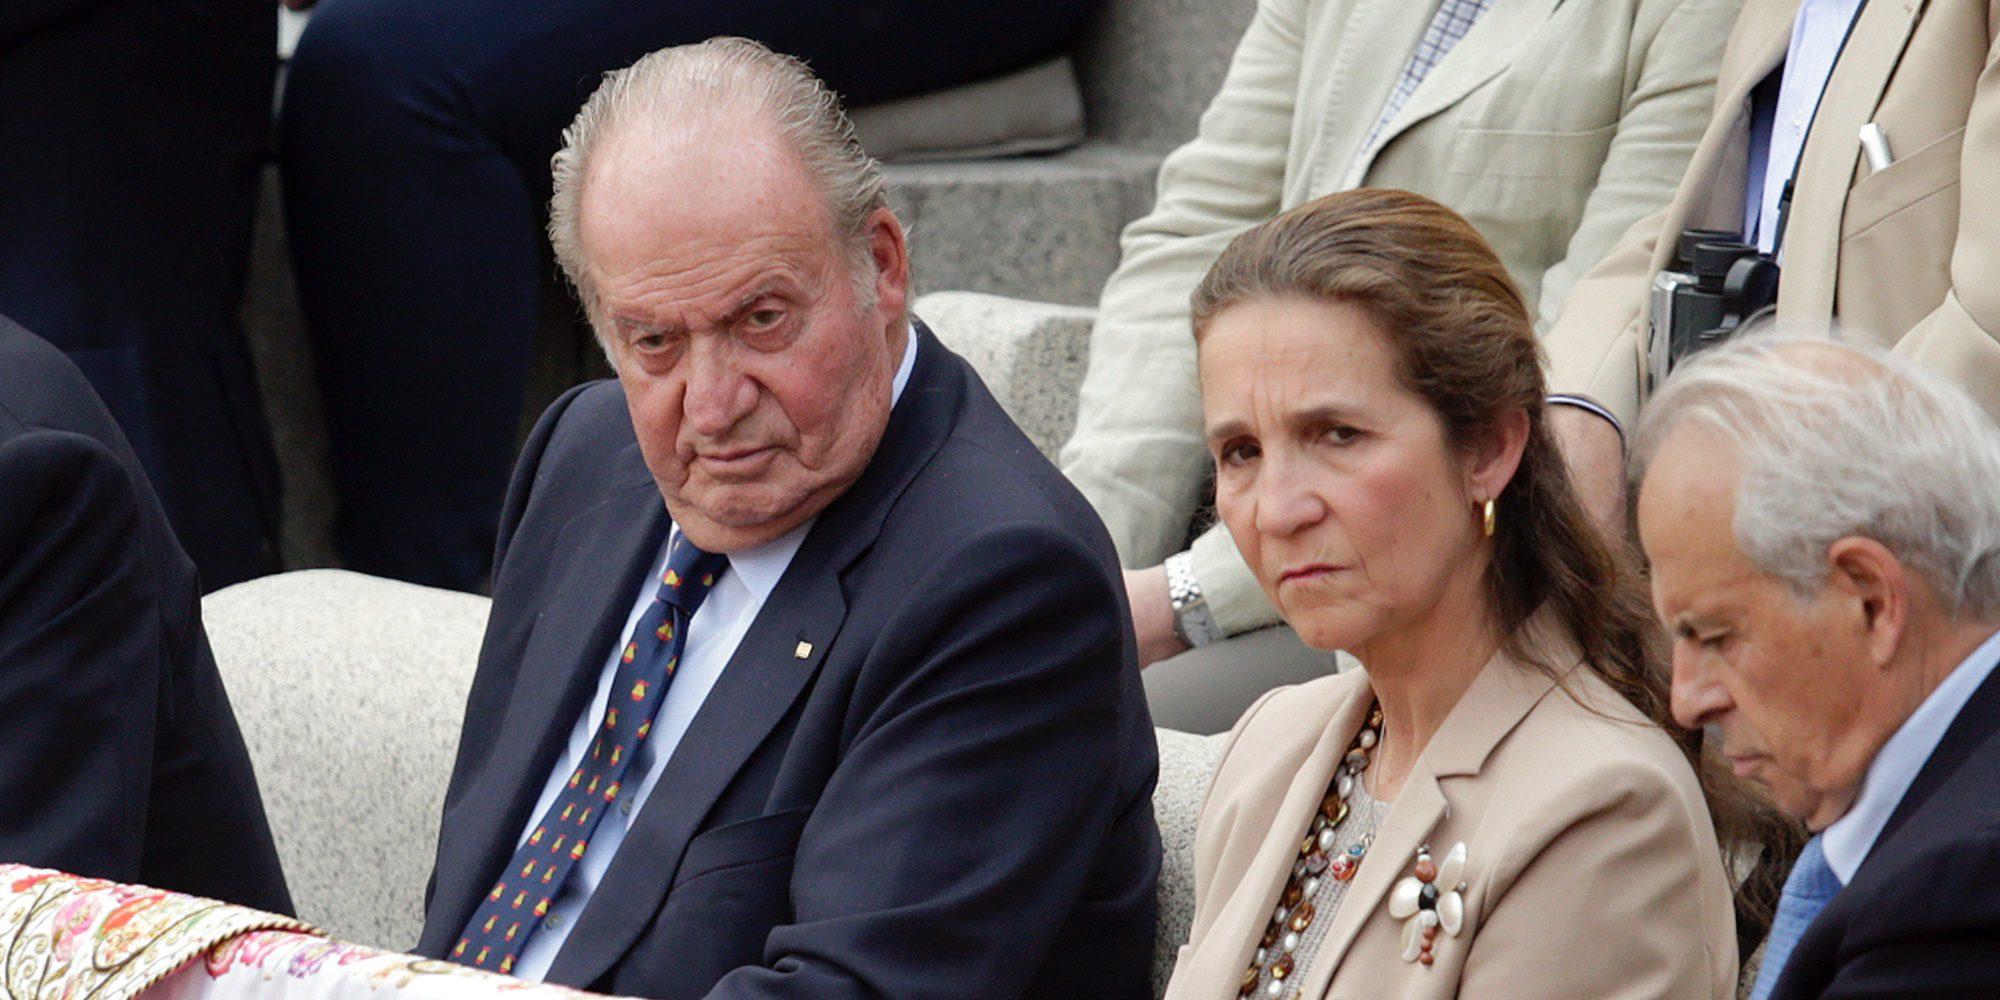 El Rey Juan Carlos, en los toros con la Infanta Elena para olvidar su aniversario con la Reina Sofía que no quiso celebrar